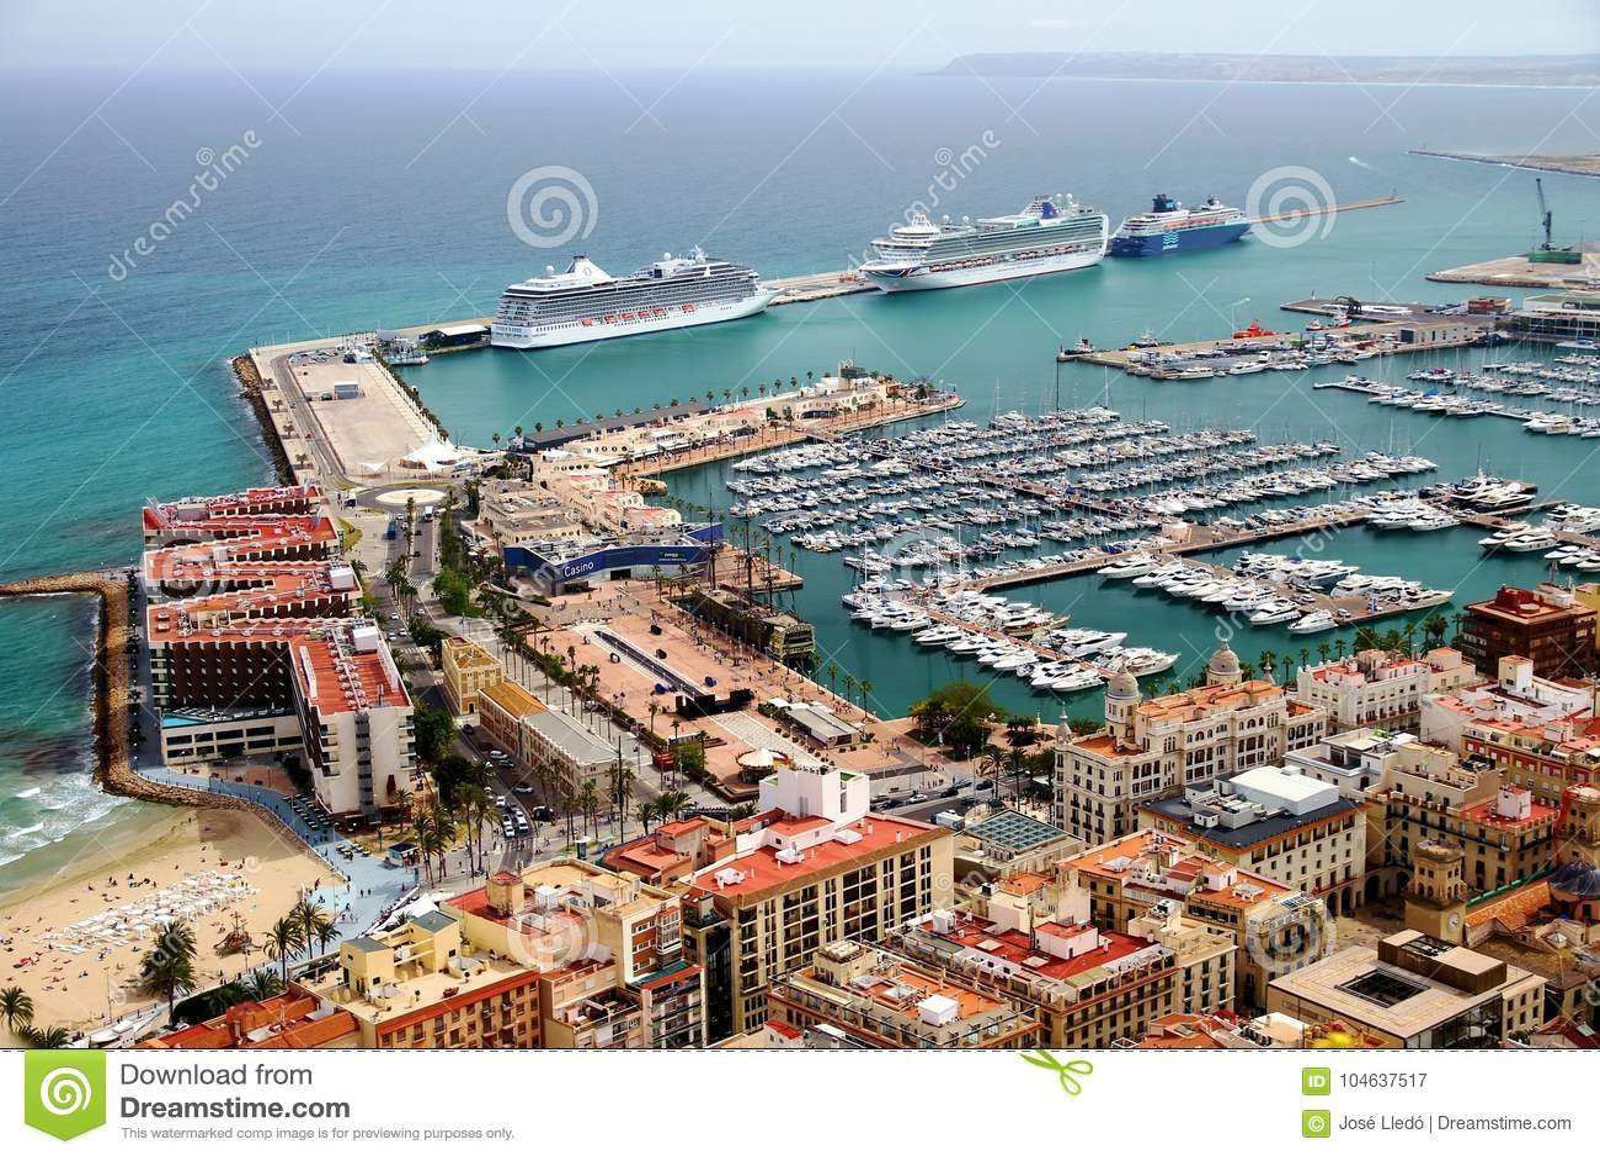 Download Luchtdiemening Van Cruises In De Haven Van Alicante Worden Gedokt Redactionele Fotografie - Afbeelding bestaande uit lucht, oceaan: 104637517